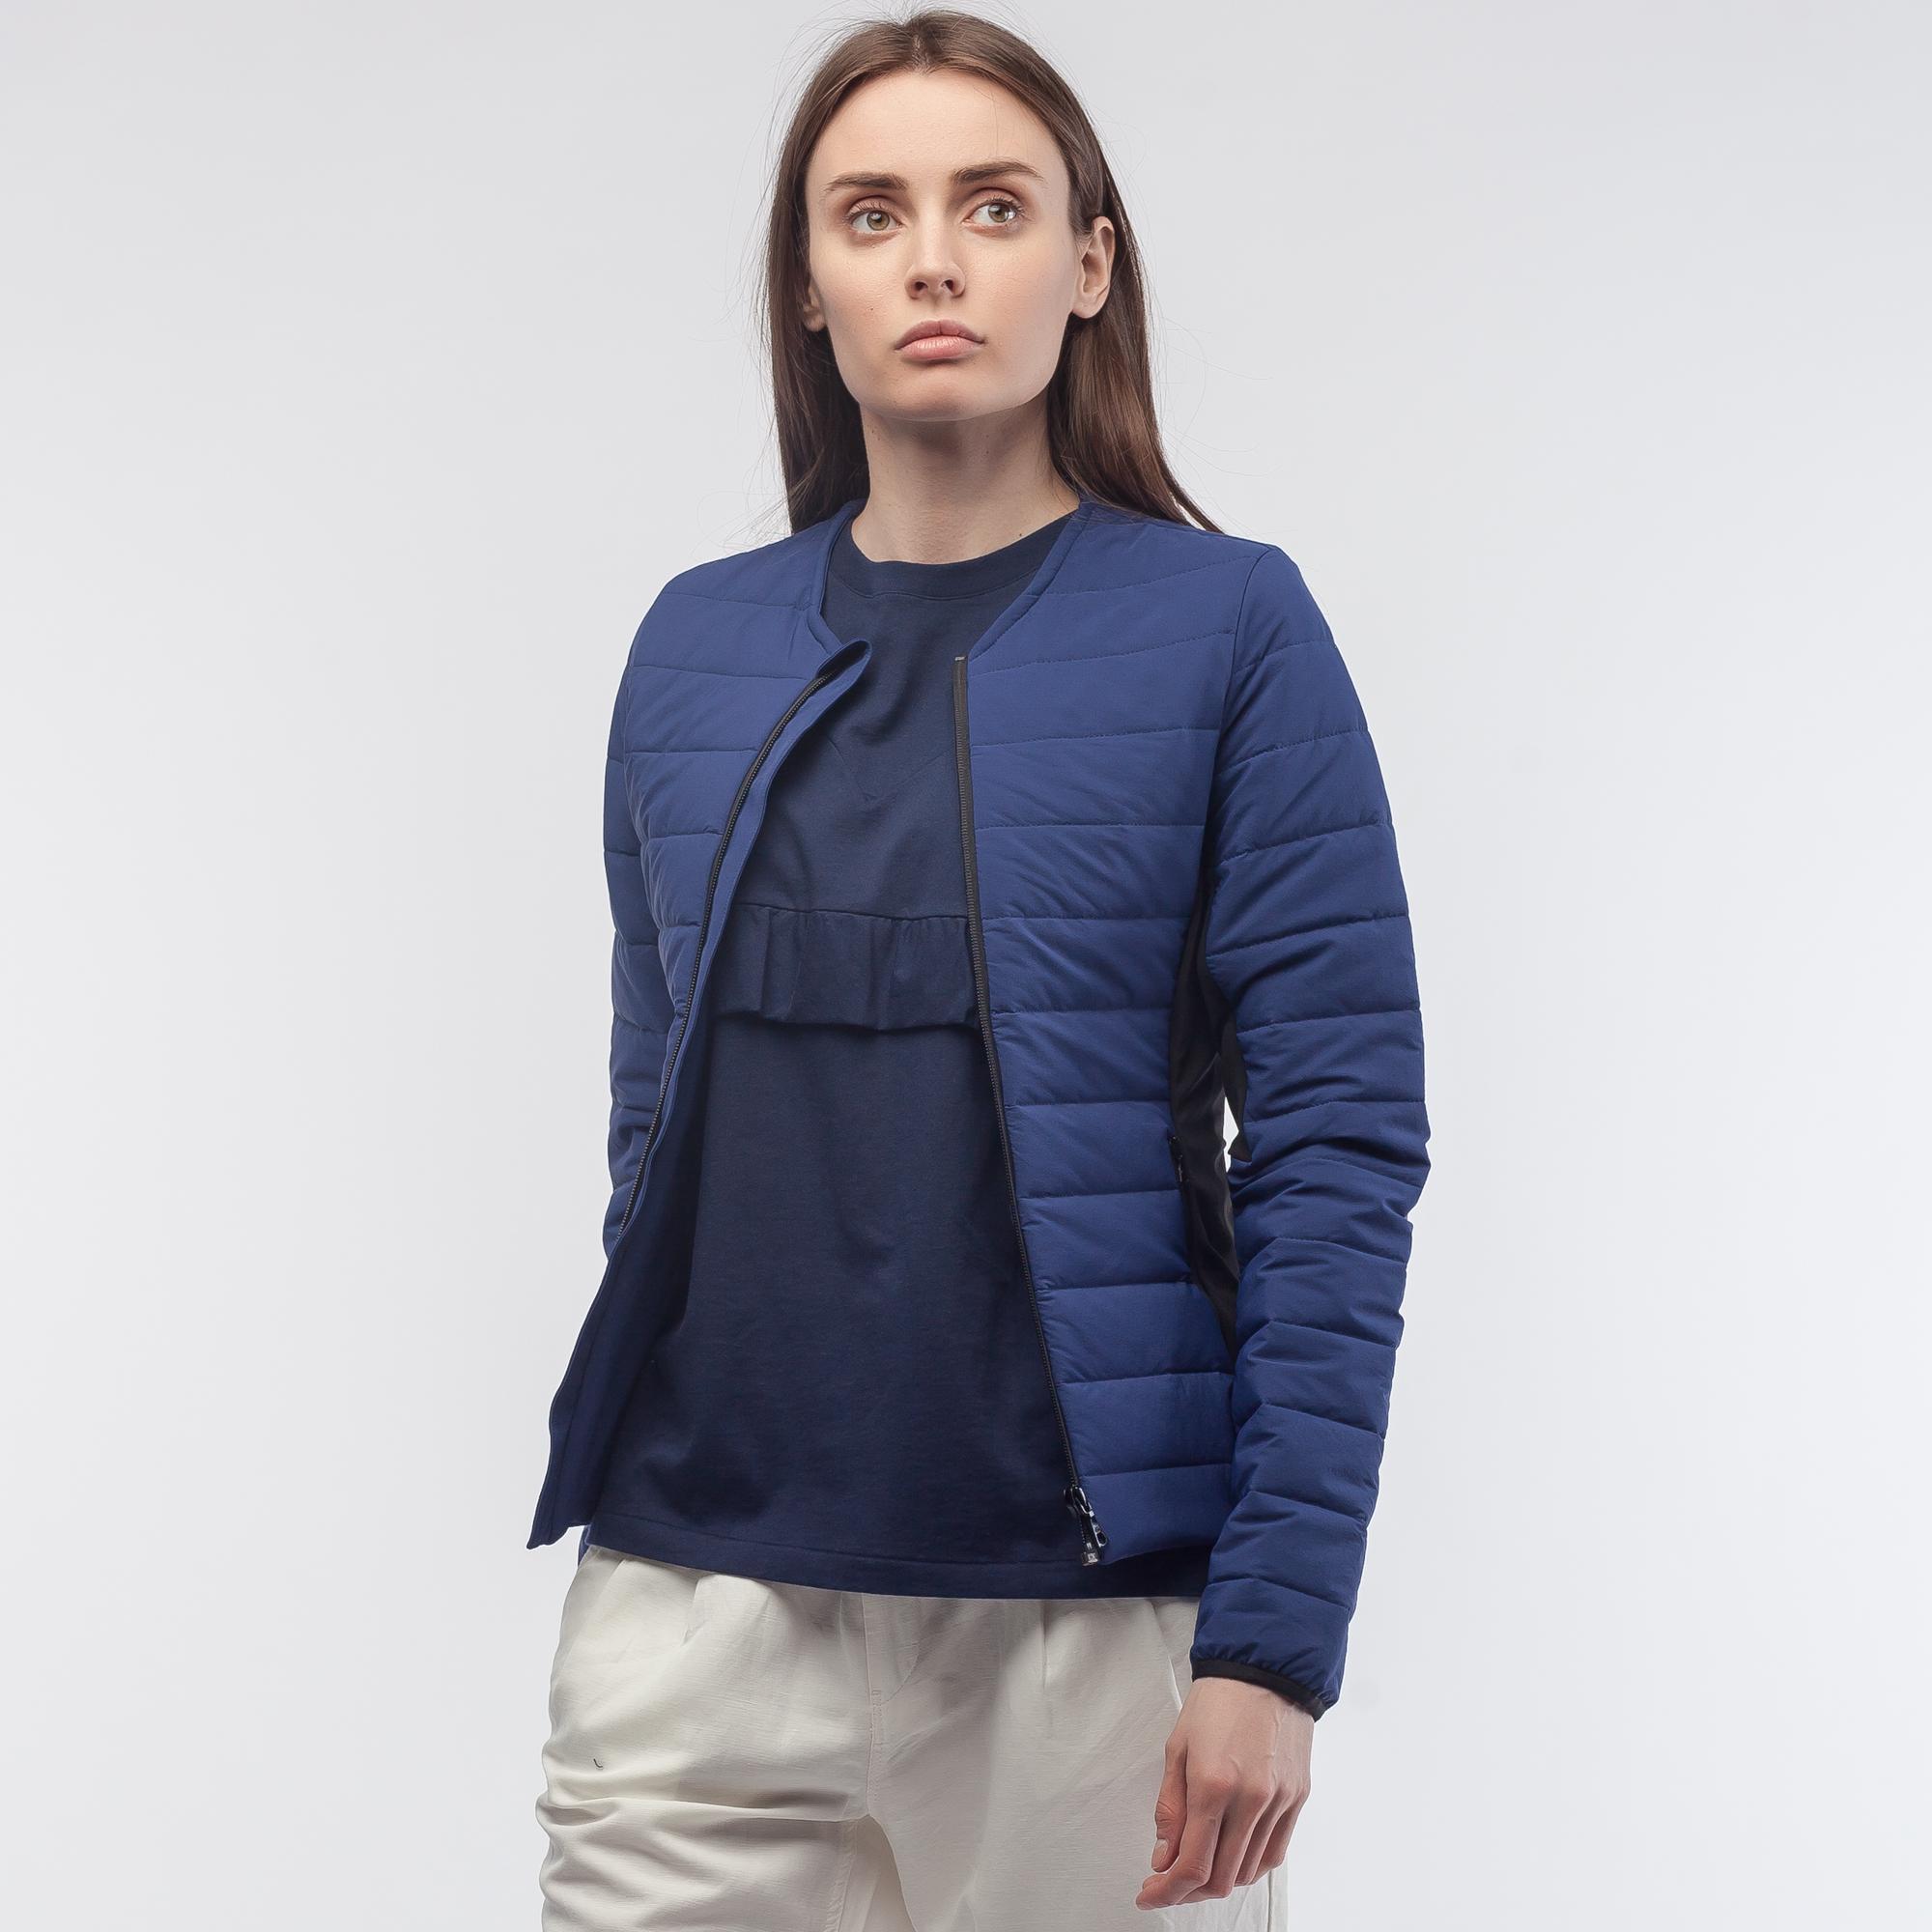 Куртка LacosteВерхняя одежда<br>Детали: стеганая женская куртка на молнии без капюшона  \ Материал: 98% нейлон 2% спандекс \ Страна производства: Беларусь